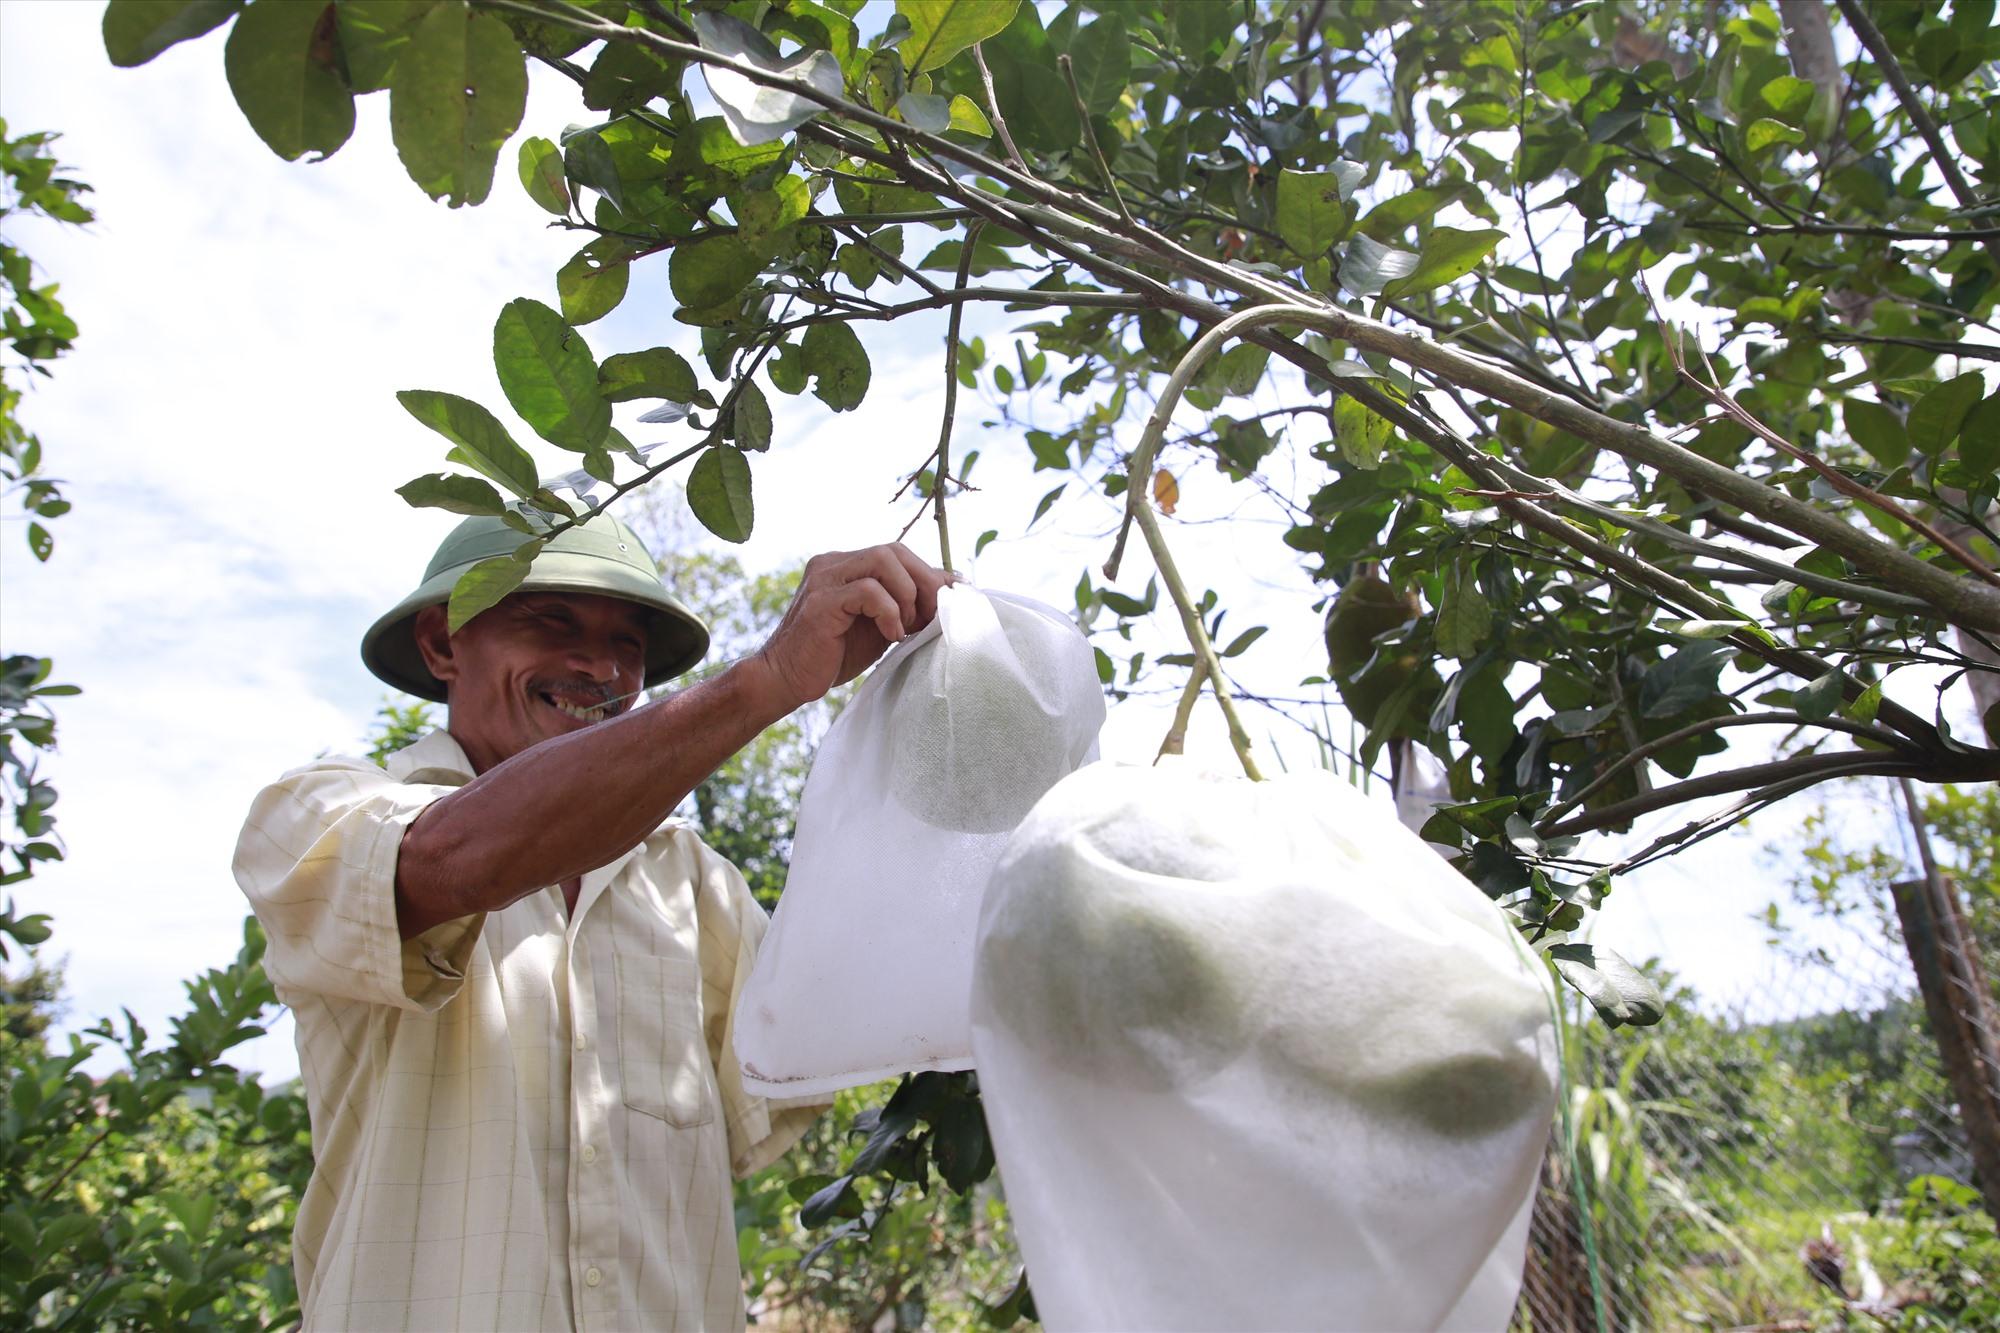 Cựu binh Phan Văn Sỹ vẫn miệt mài chăm bón cho vườn cây trái trong nhà, sau nhiều năm trở về quê hương. Ảnh: T.C